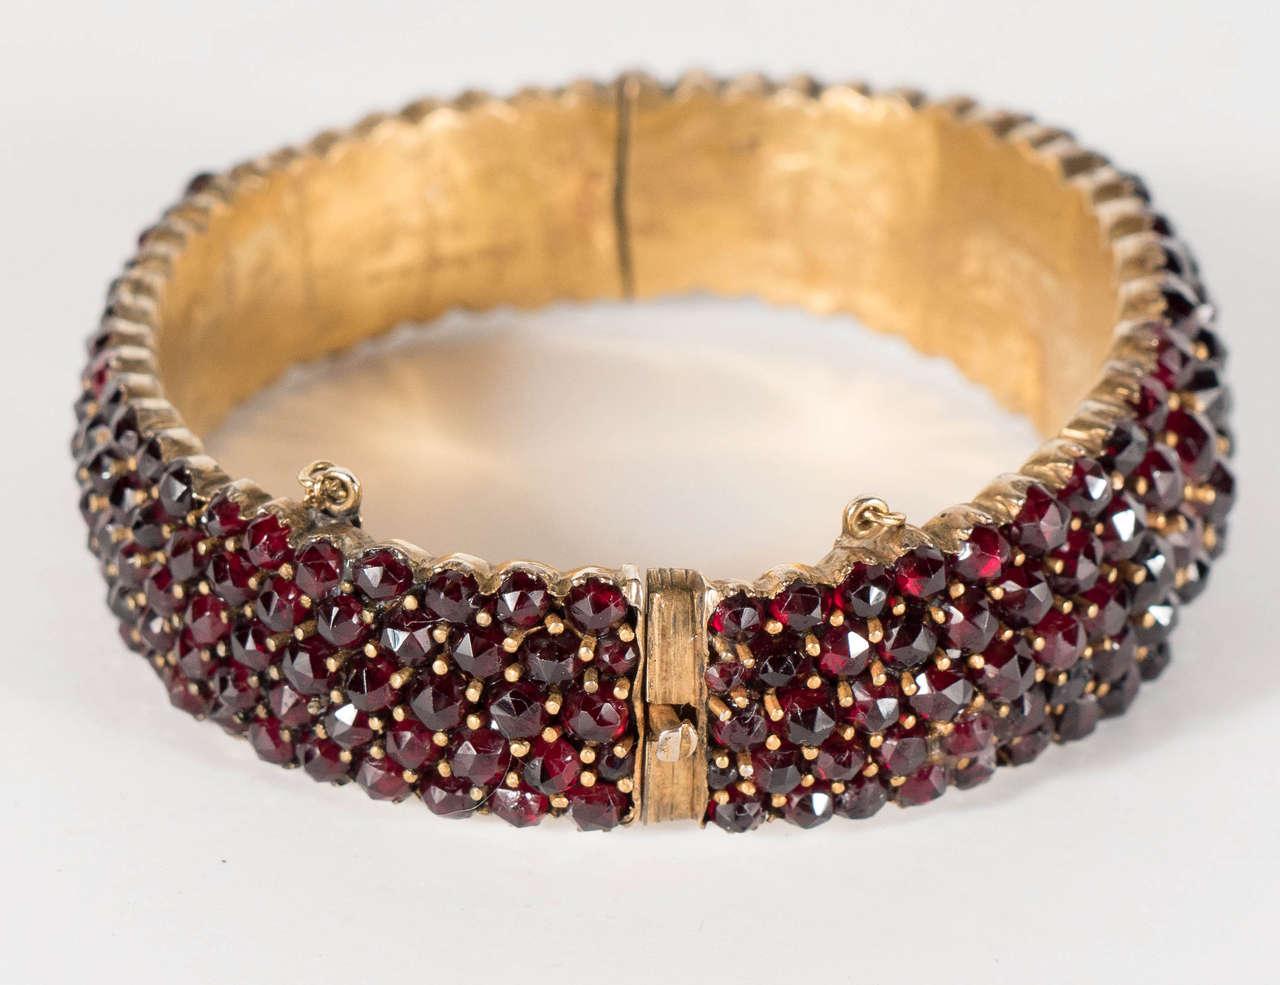 Exquisite Antique Bohemian Garnet Silver Gold Bangle Bracelet 2